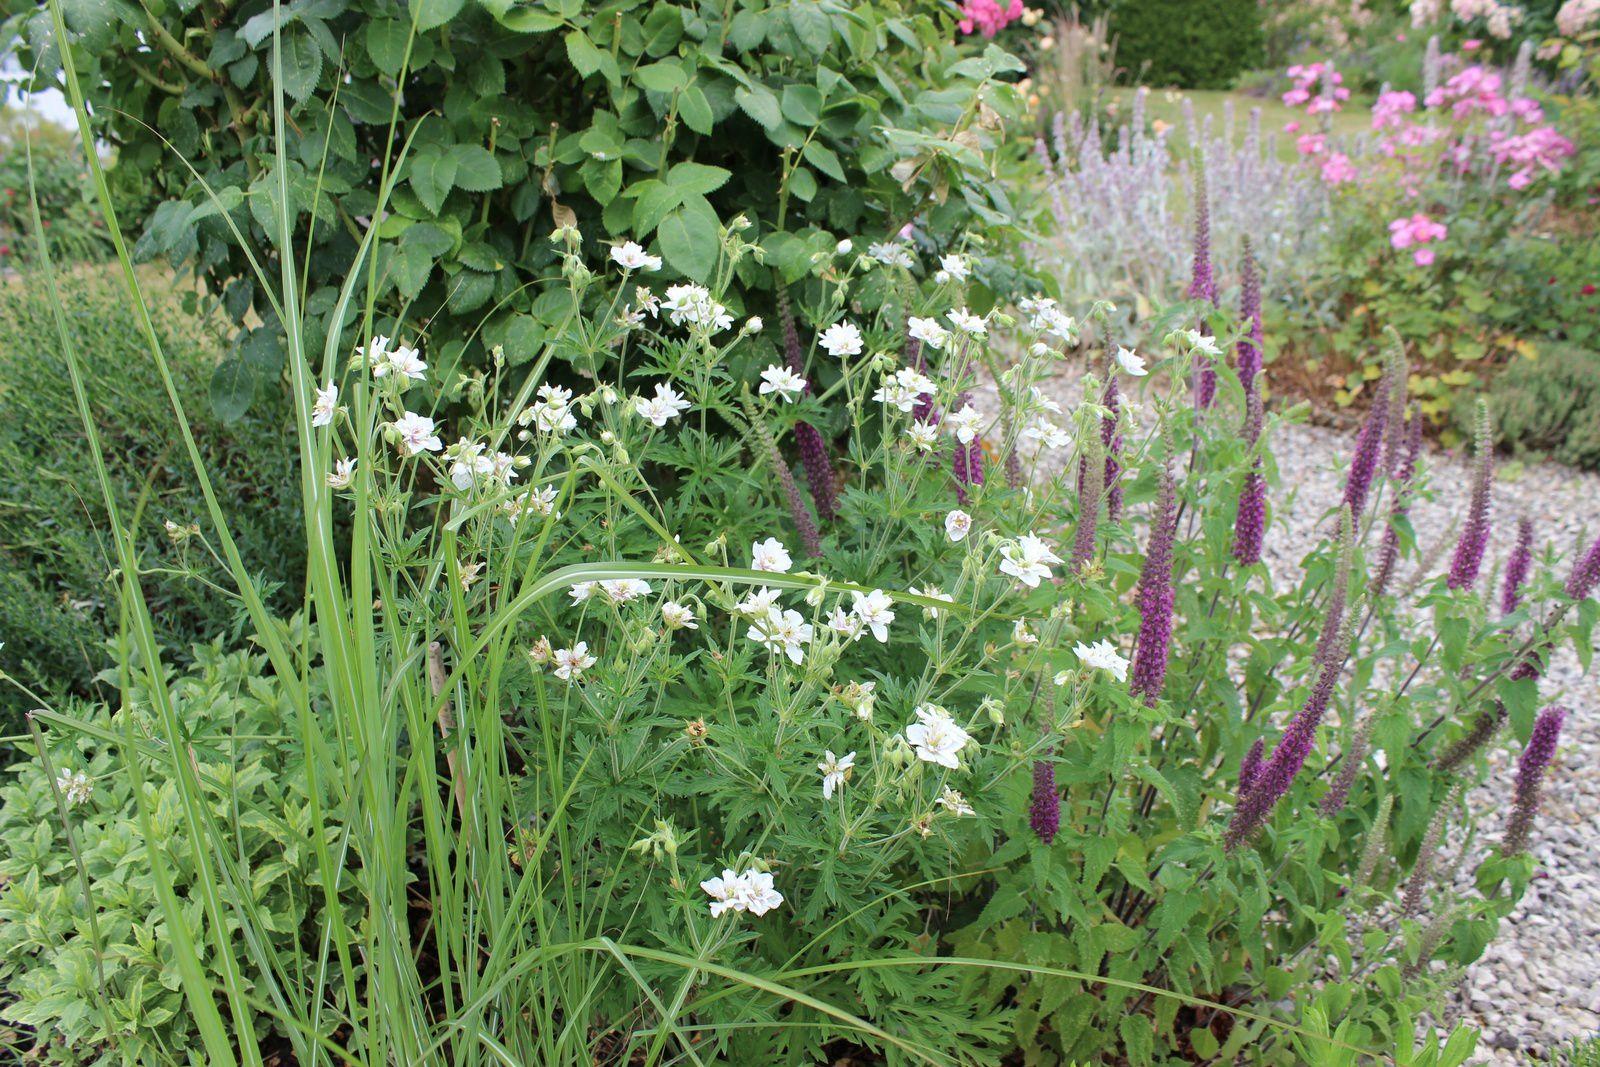 """Le géranium pratense """"Algrea double""""pour lequel j'ai un petit faible. Il accompagne les épis du teuchrium hircanum."""